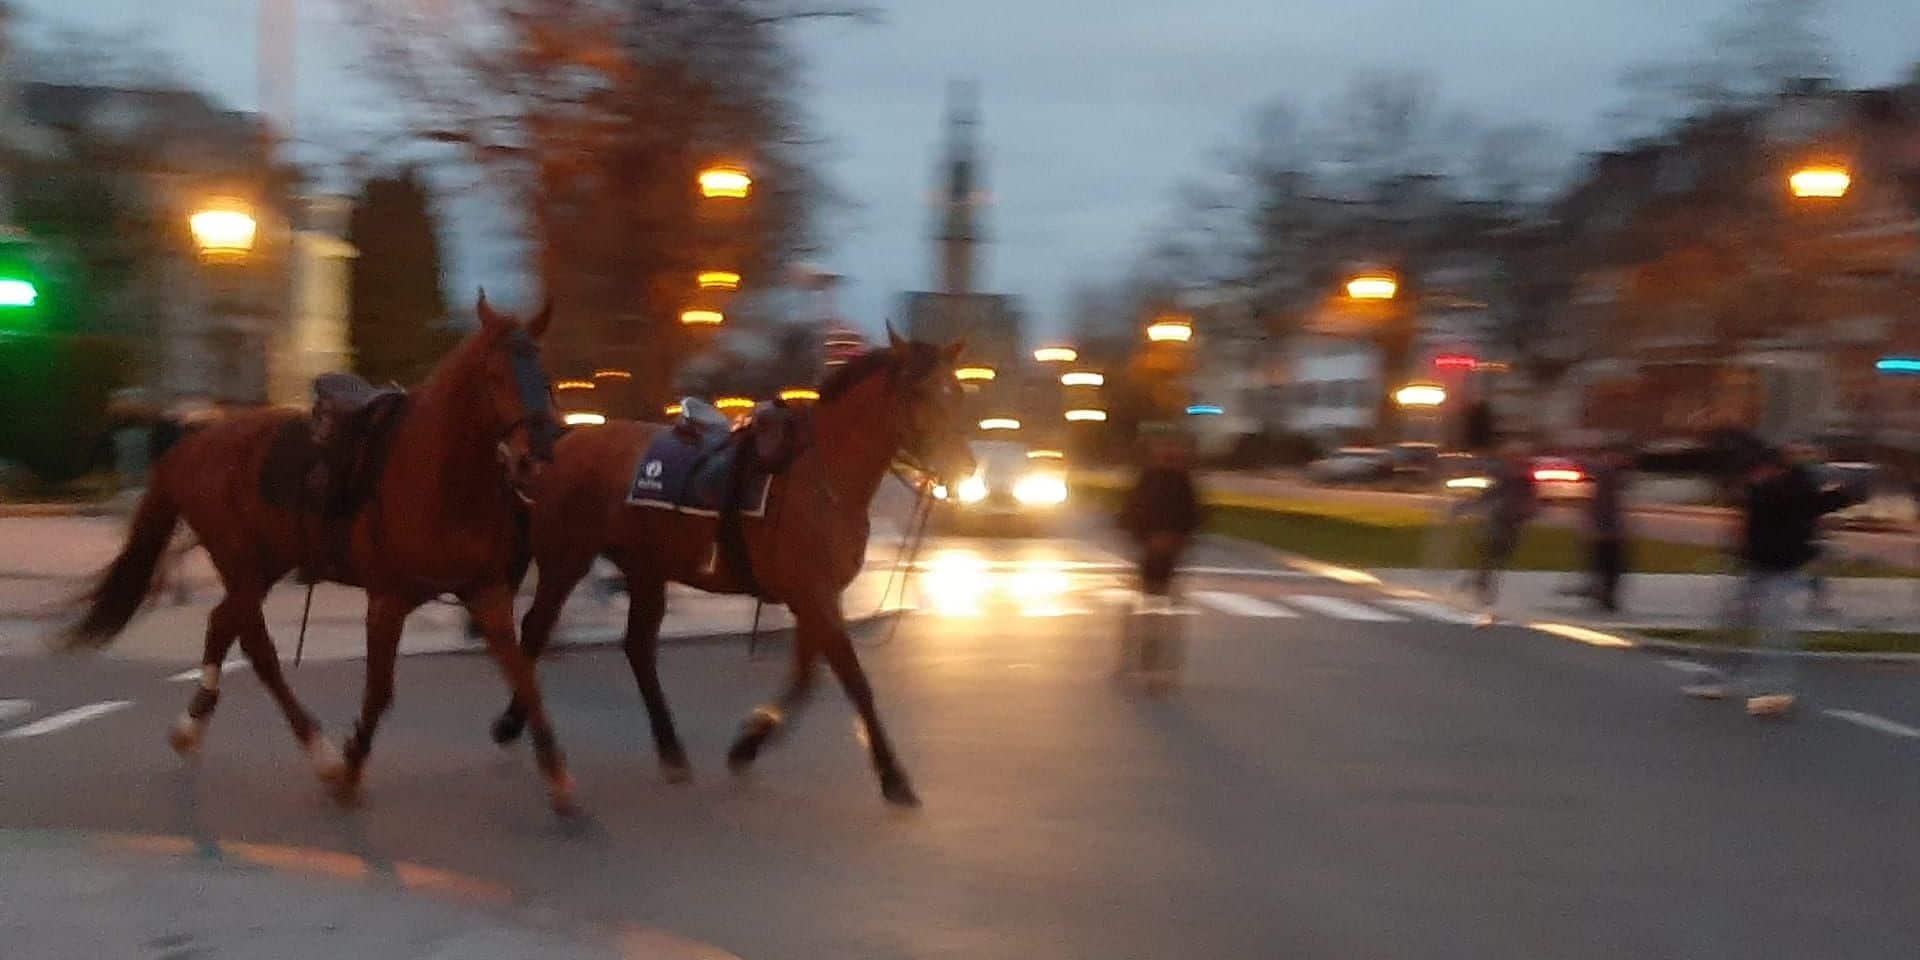 Deux chevaux au milieu de la circulation à Bruxelles : les explications de la porte-parole de la police